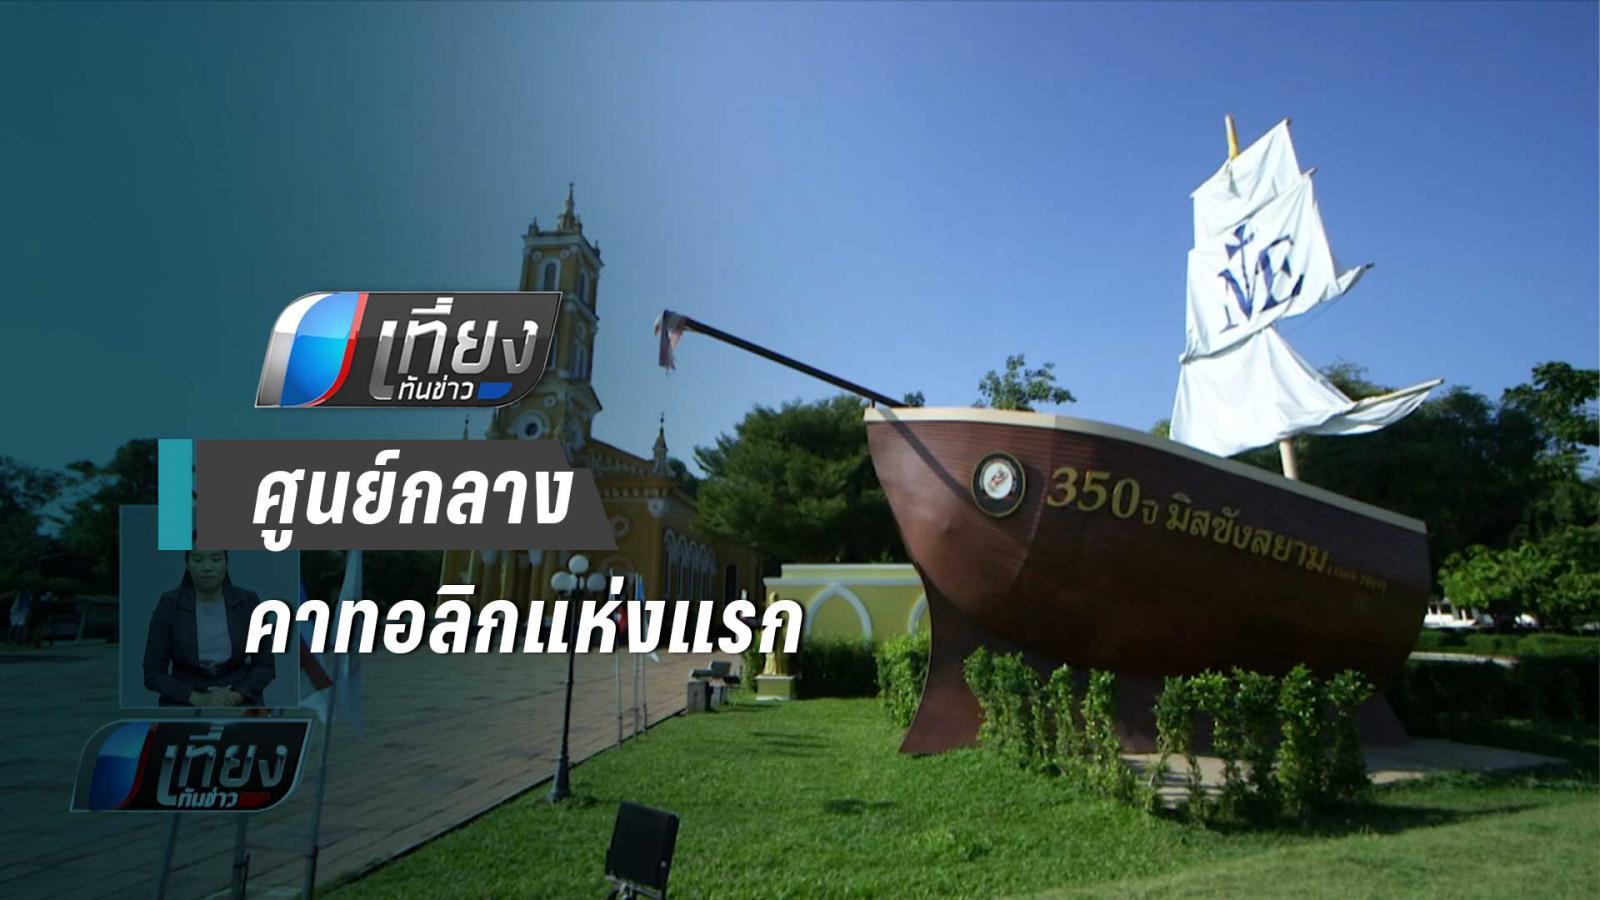 วัดนักบุญยอแซฟ ศูนย์กลางคาทอลิกแห่งแรกของไทย